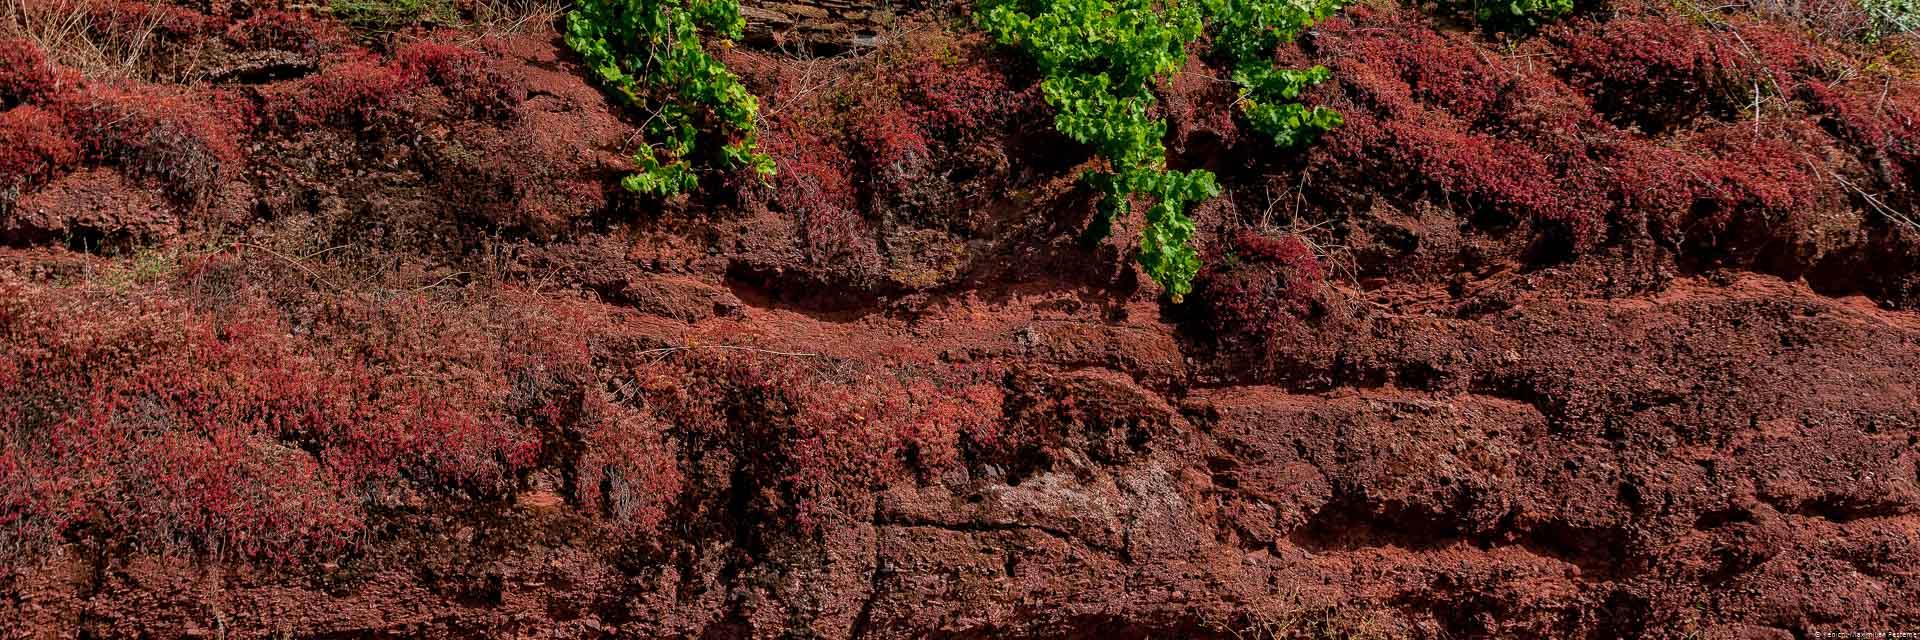 Das Gestein des Ürziger Würzgarten besteht aus sogenanntem Rotliegendem